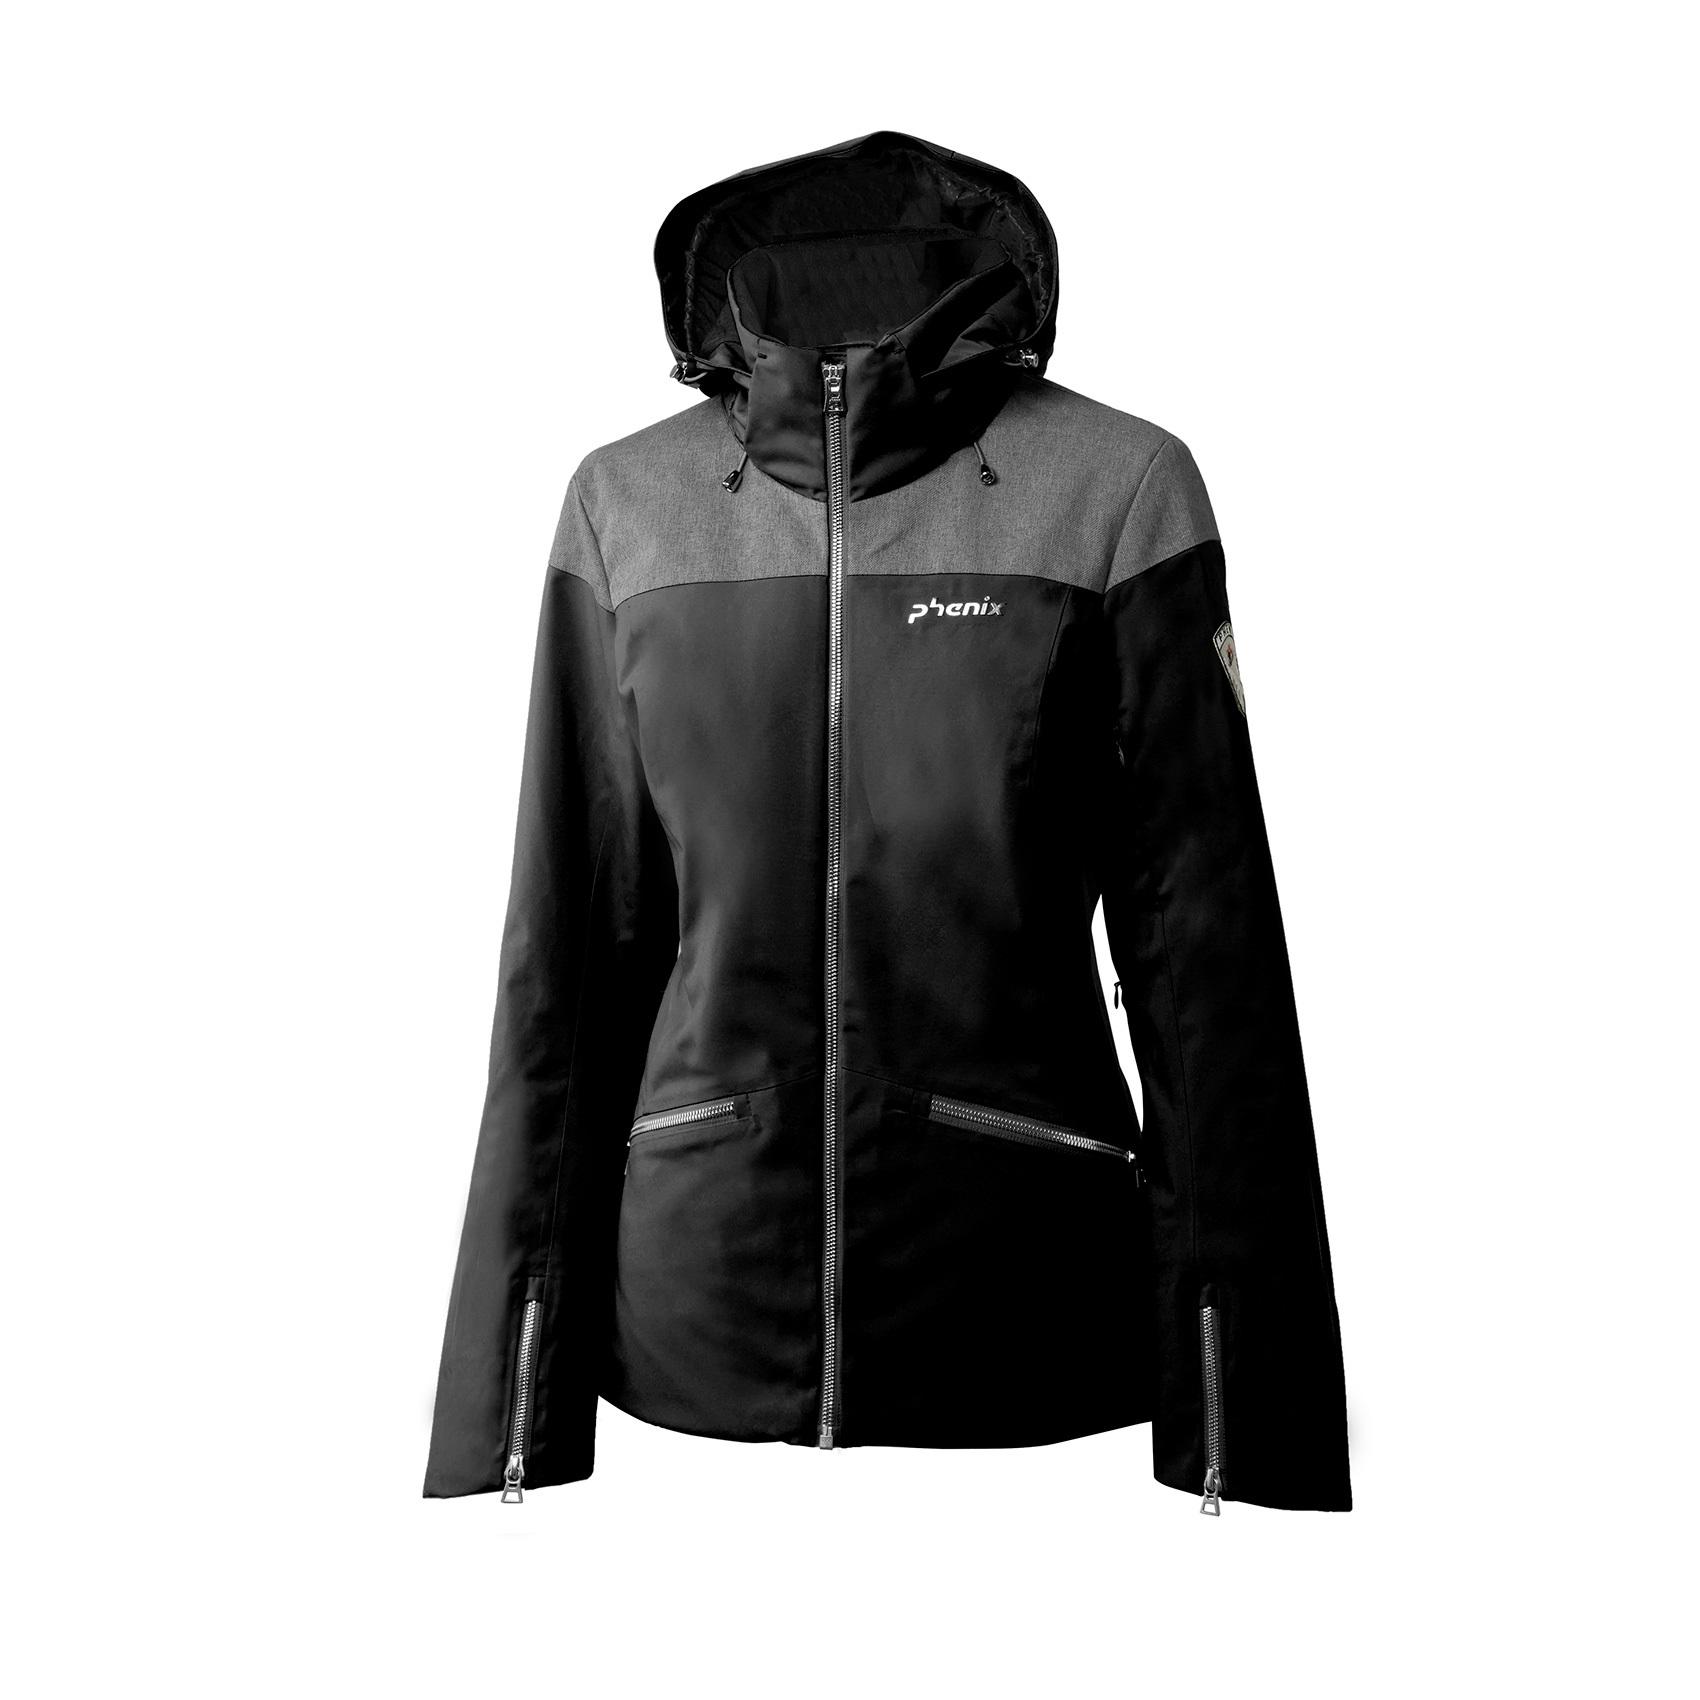 VIRGIN par Phenix (Manteaux isolés femmes, Vêtements hiver femme)VIRGIN par Phenix (Manteaux isolés femmes, Vêtements hiver femme)